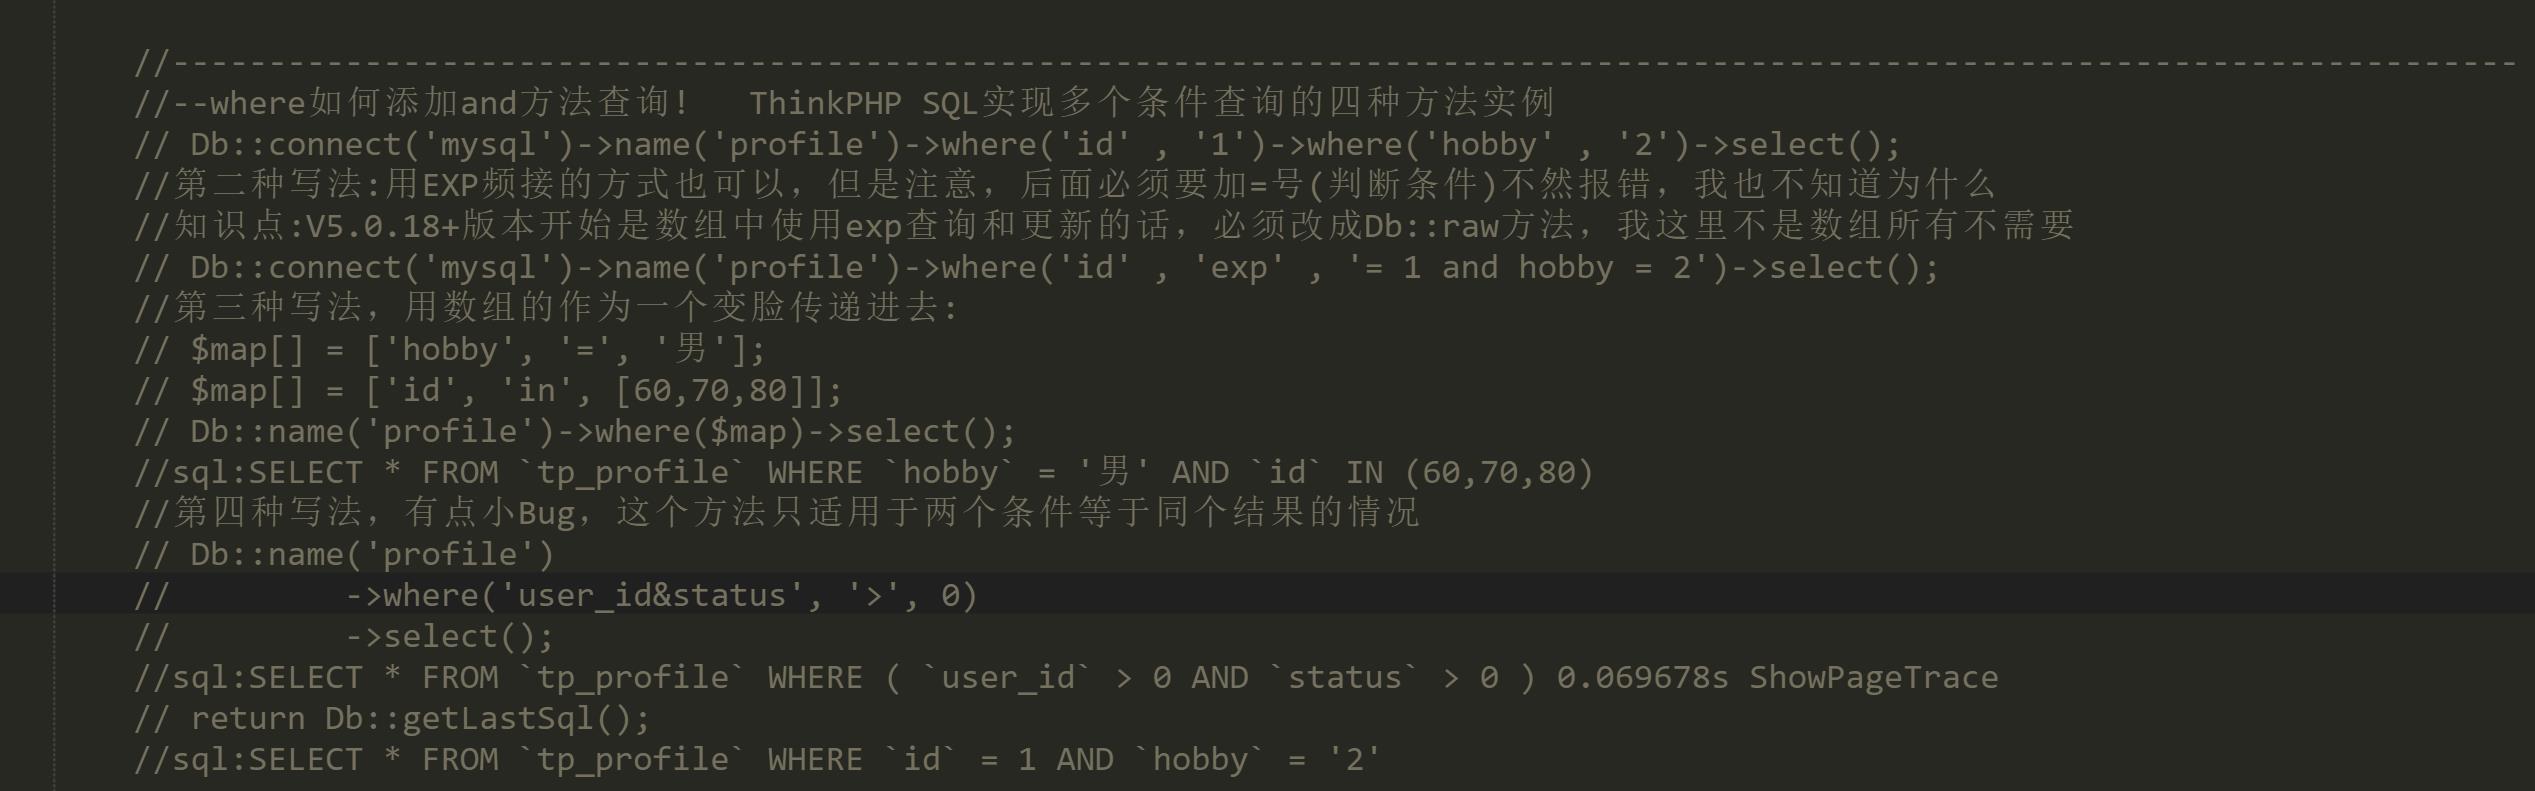 TP框架SQL实现多个条件查询的四种方法实例 PHP教程 第2张